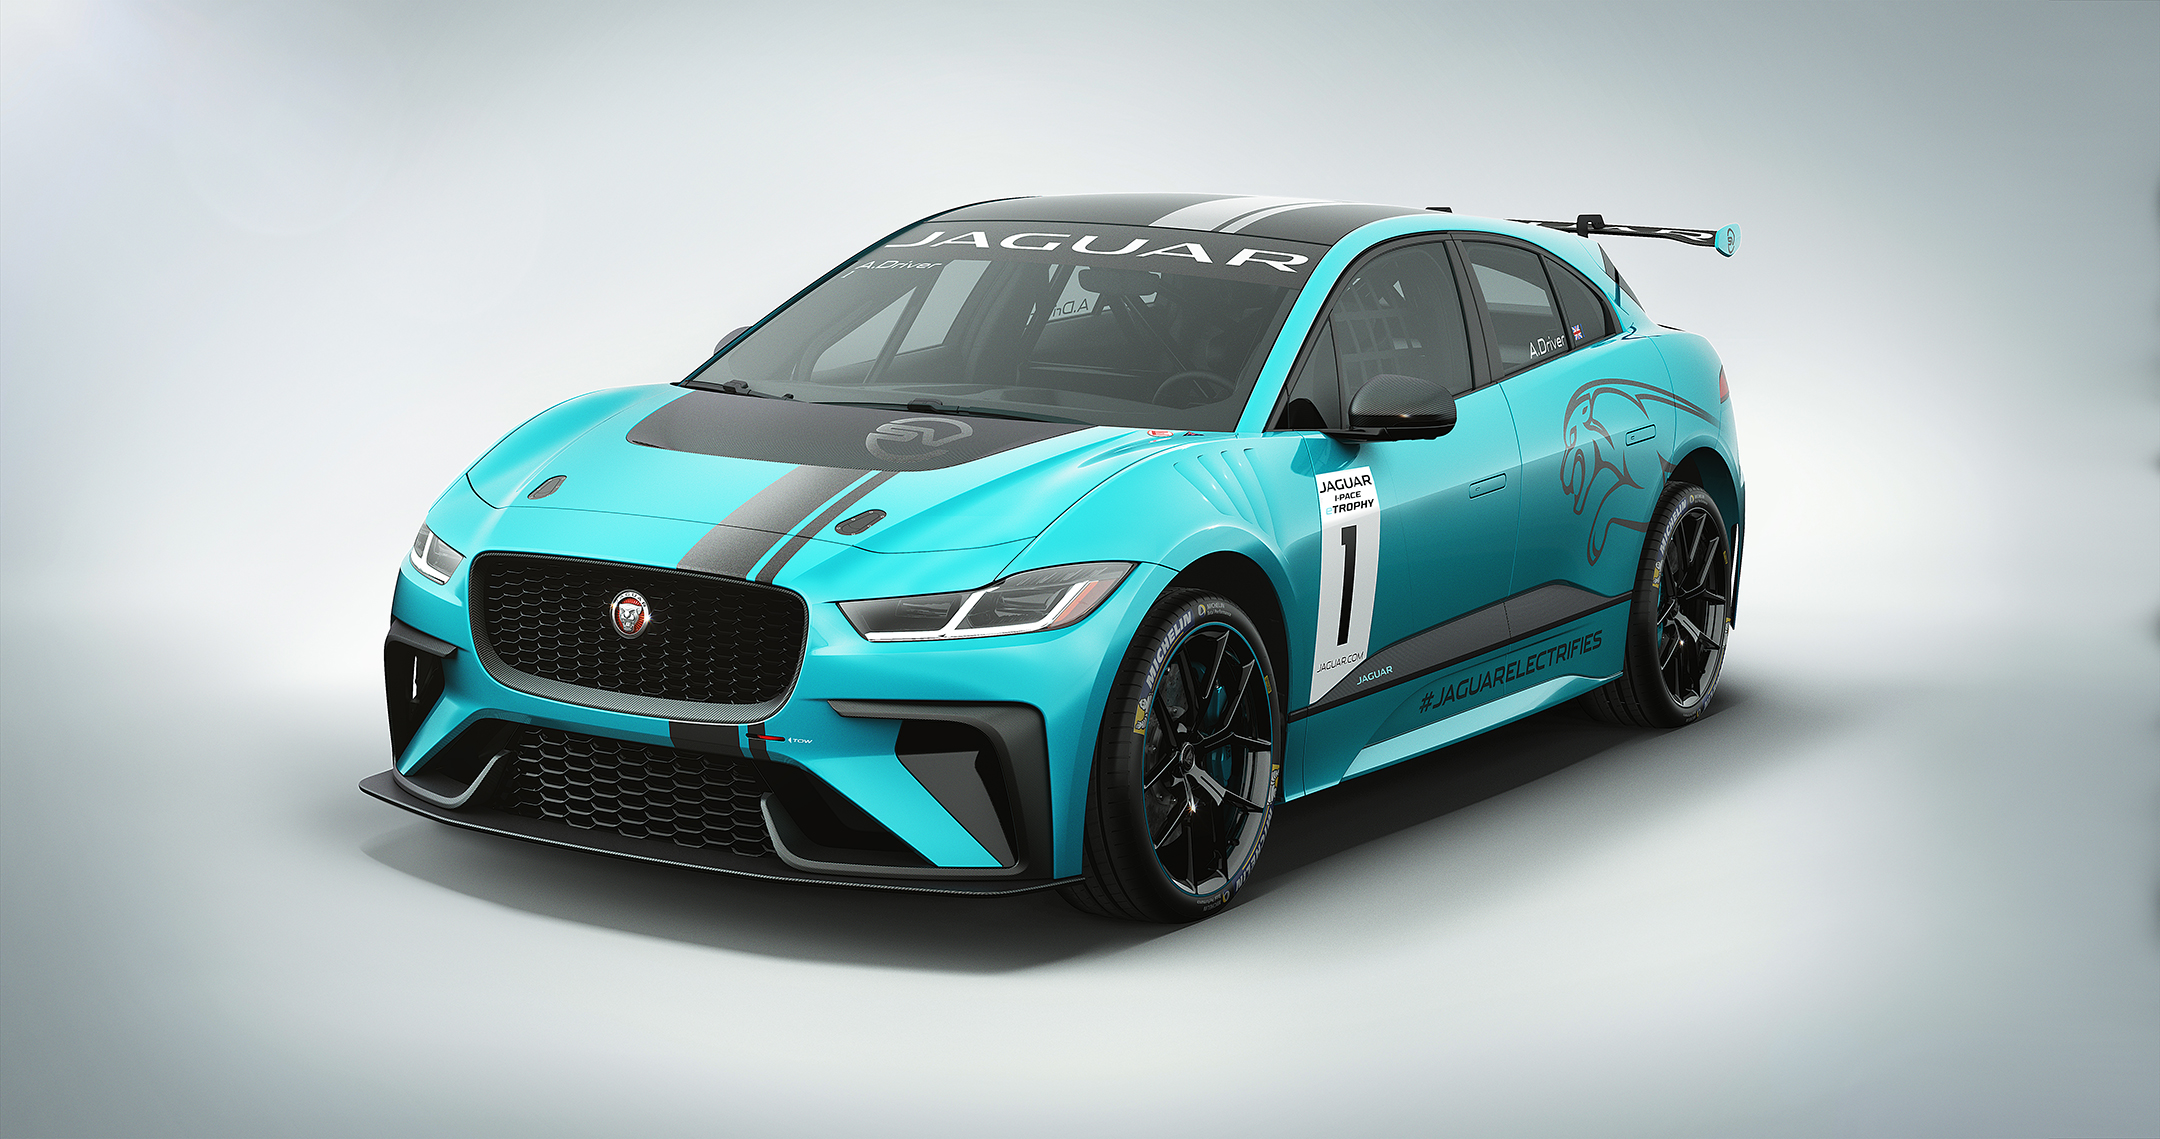 Jaguar I-PACE eTROPHY - 2017 - front side-face / profil avant